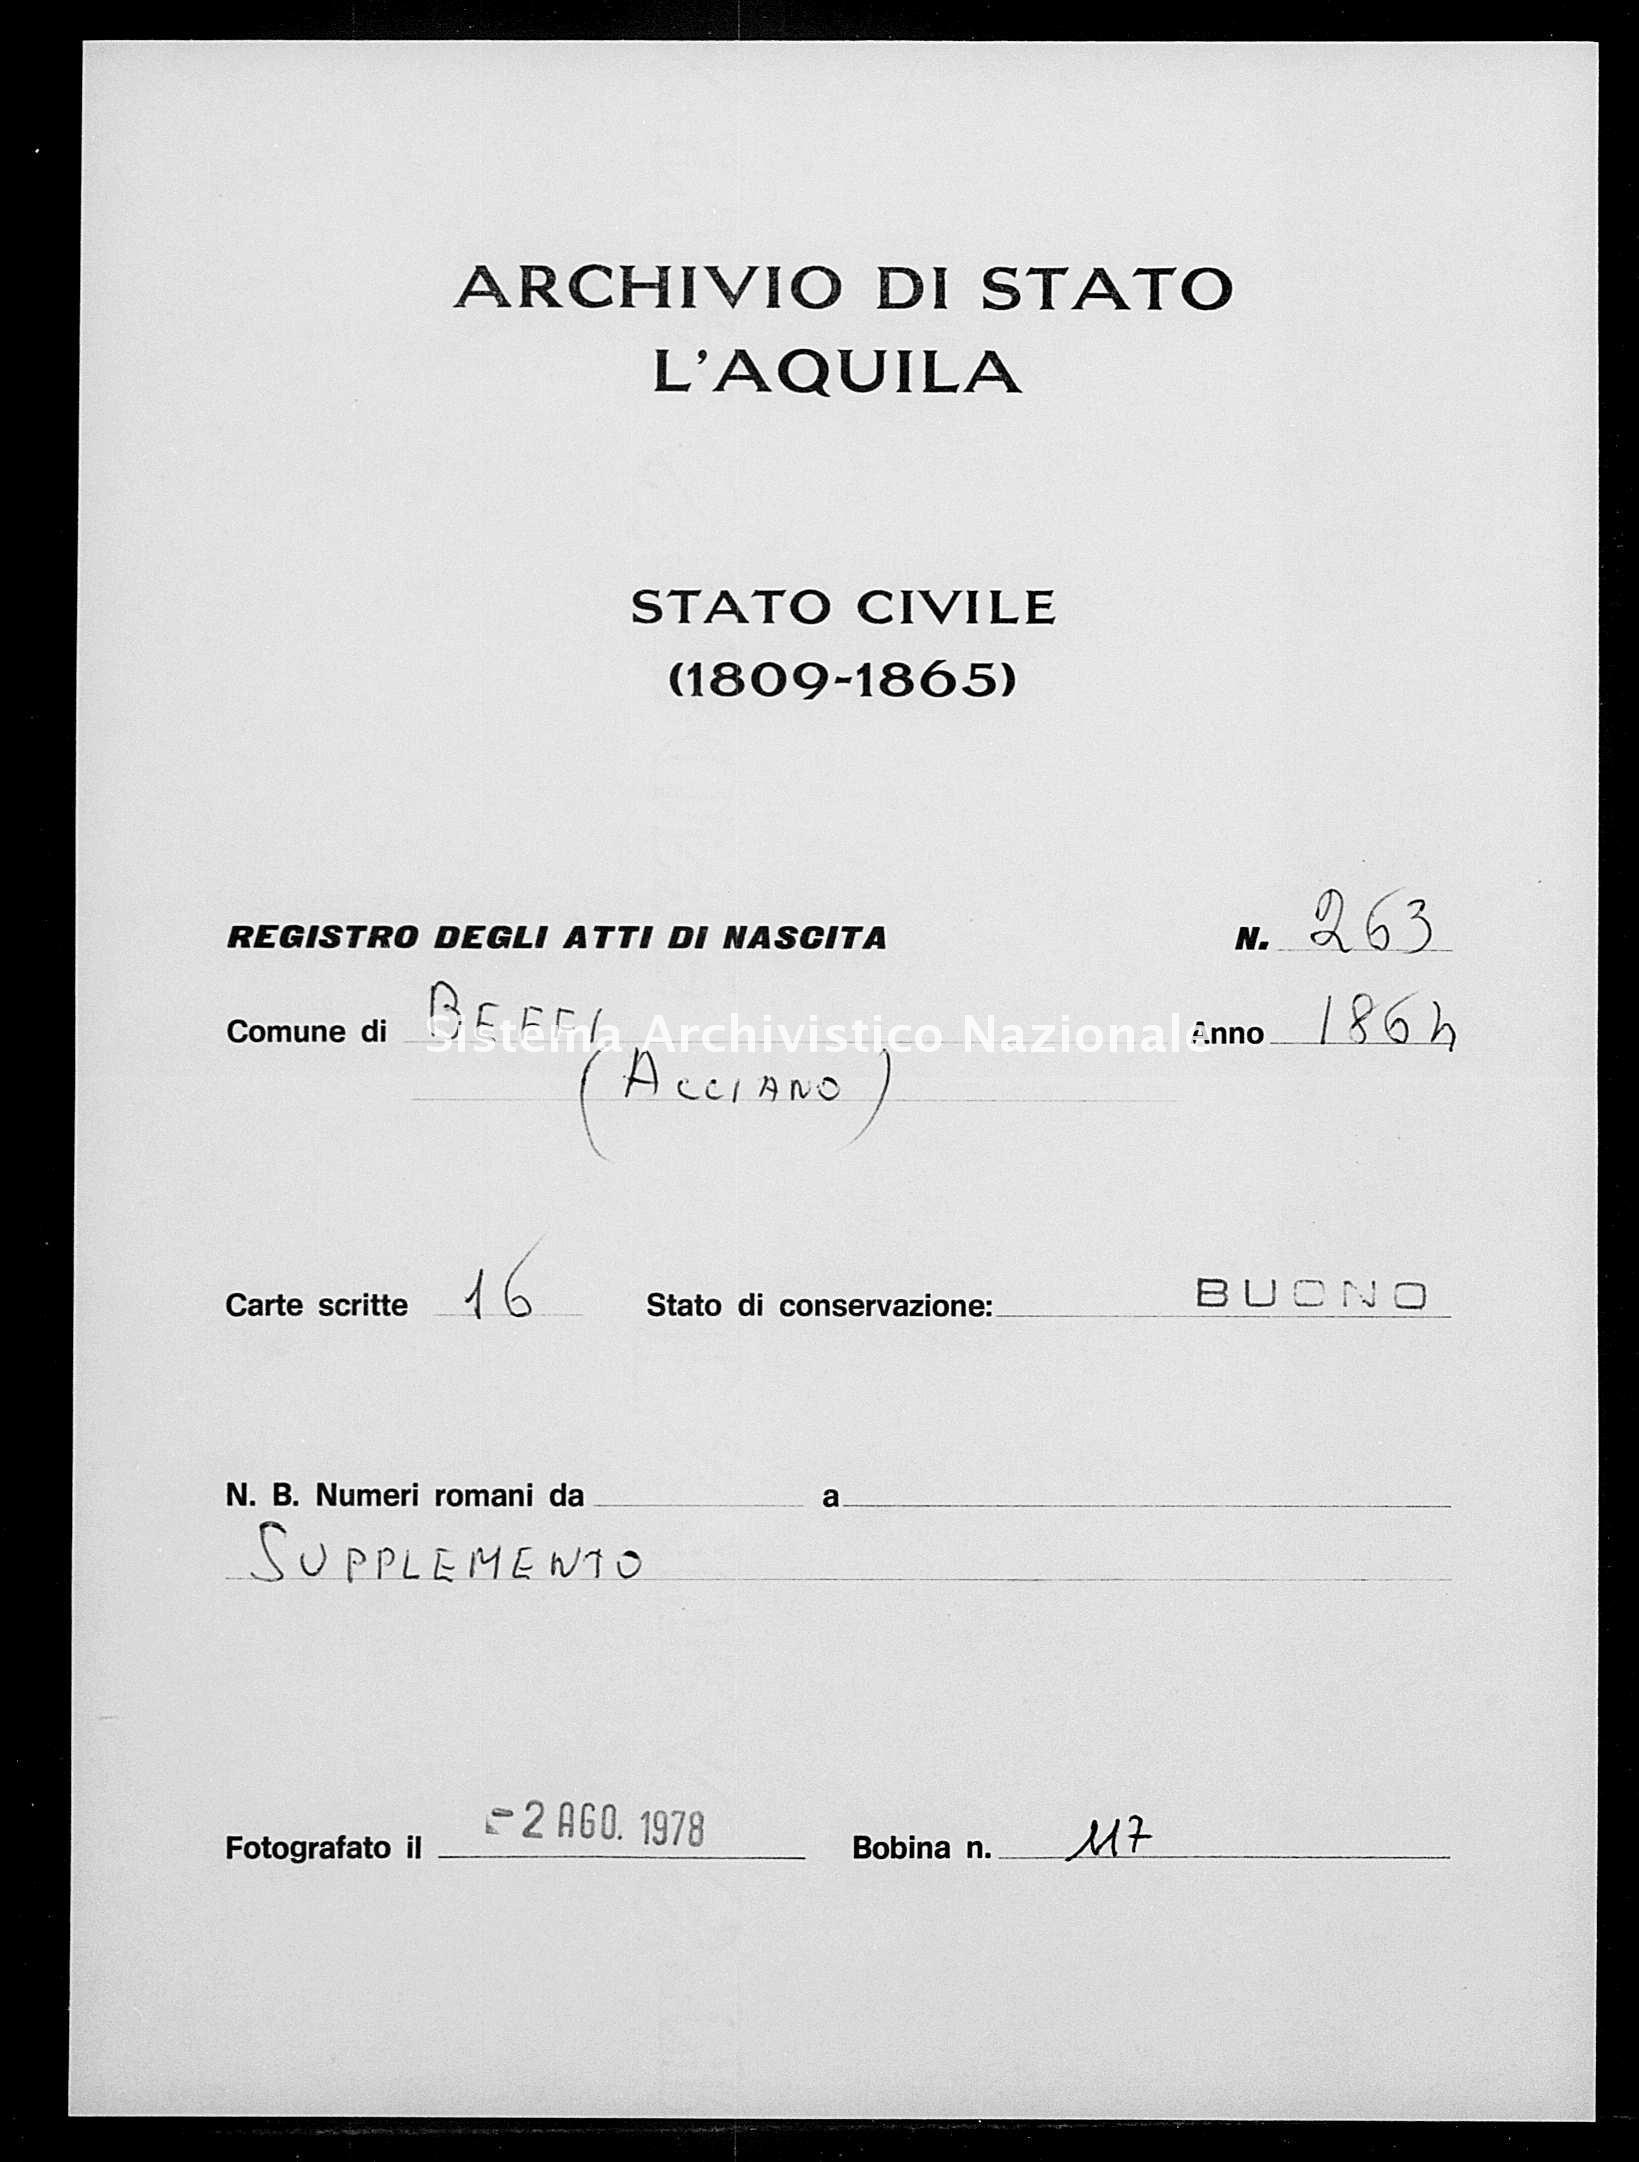 Archivio di stato di L'aquila - Stato civile italiano - Beffi - Nati, battesimi - 1864 - 263 -